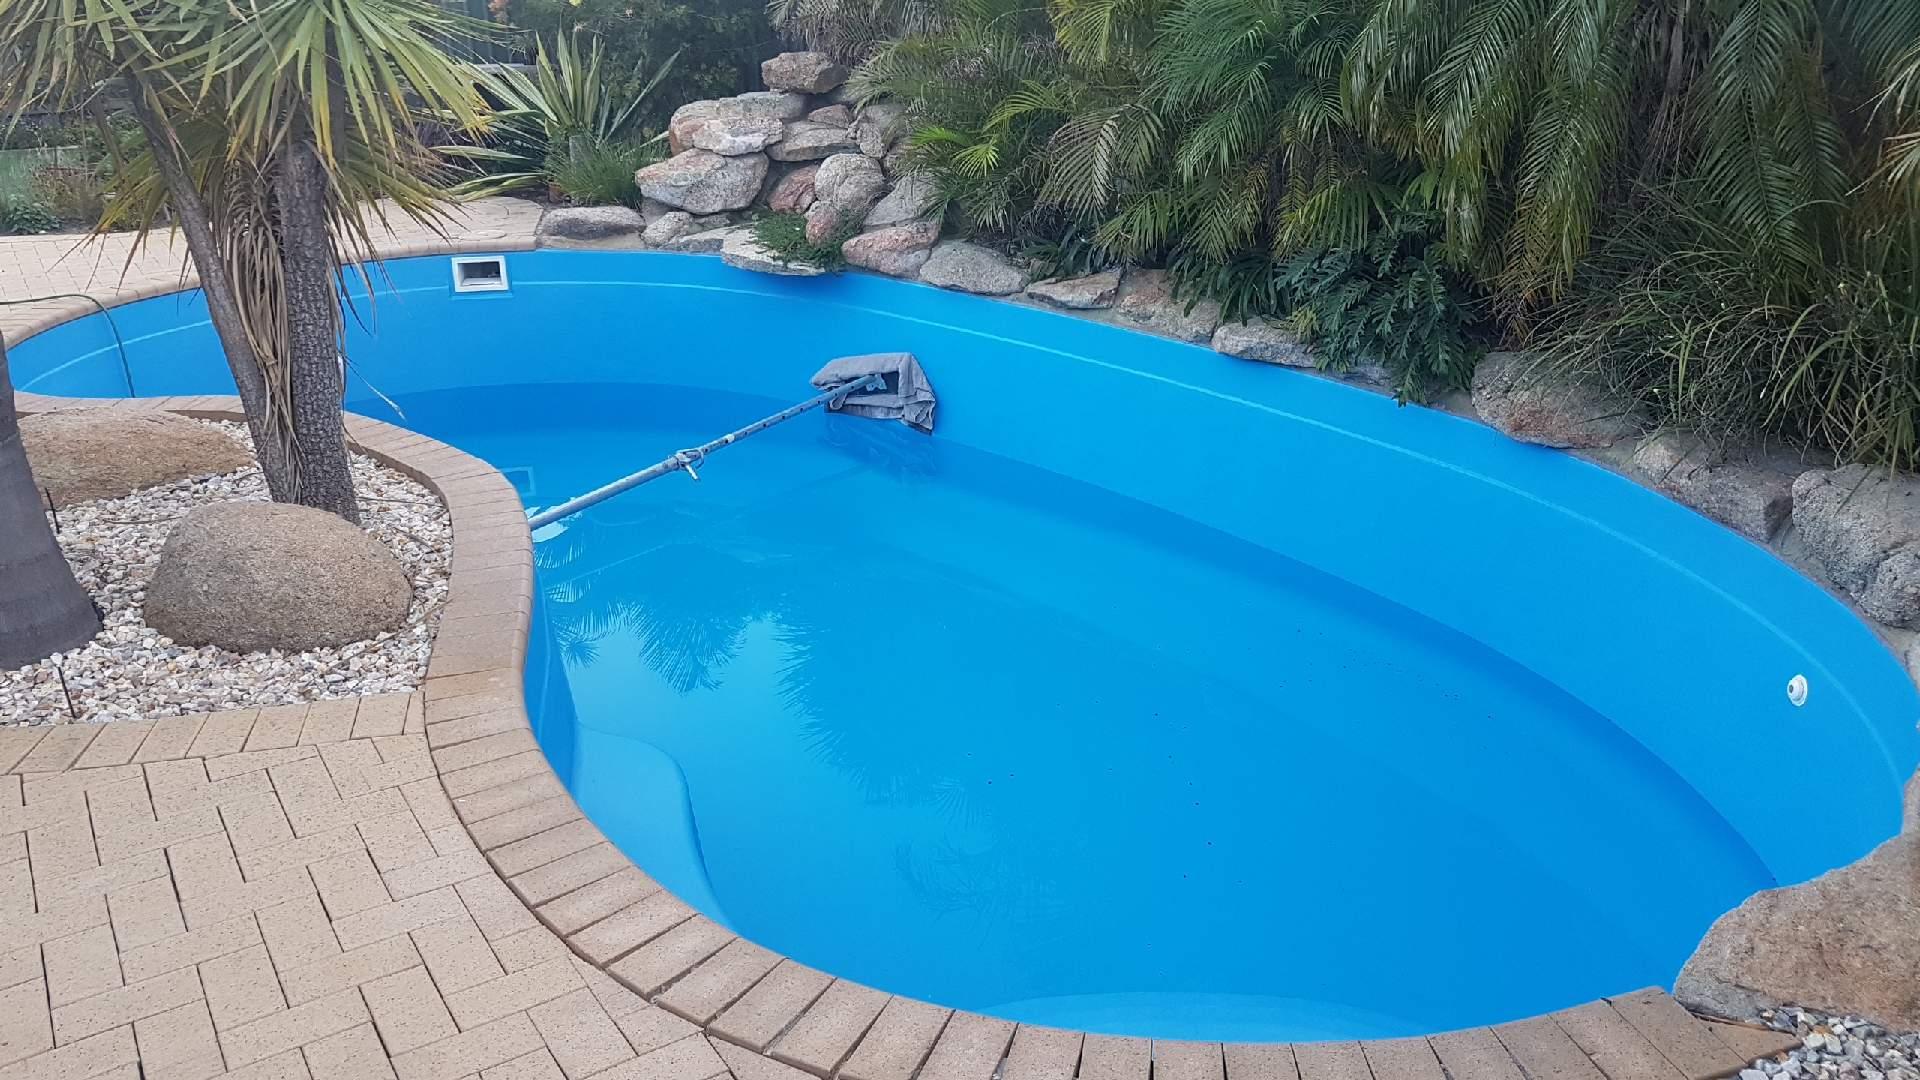 Water features - Pool Repairs Perth WA